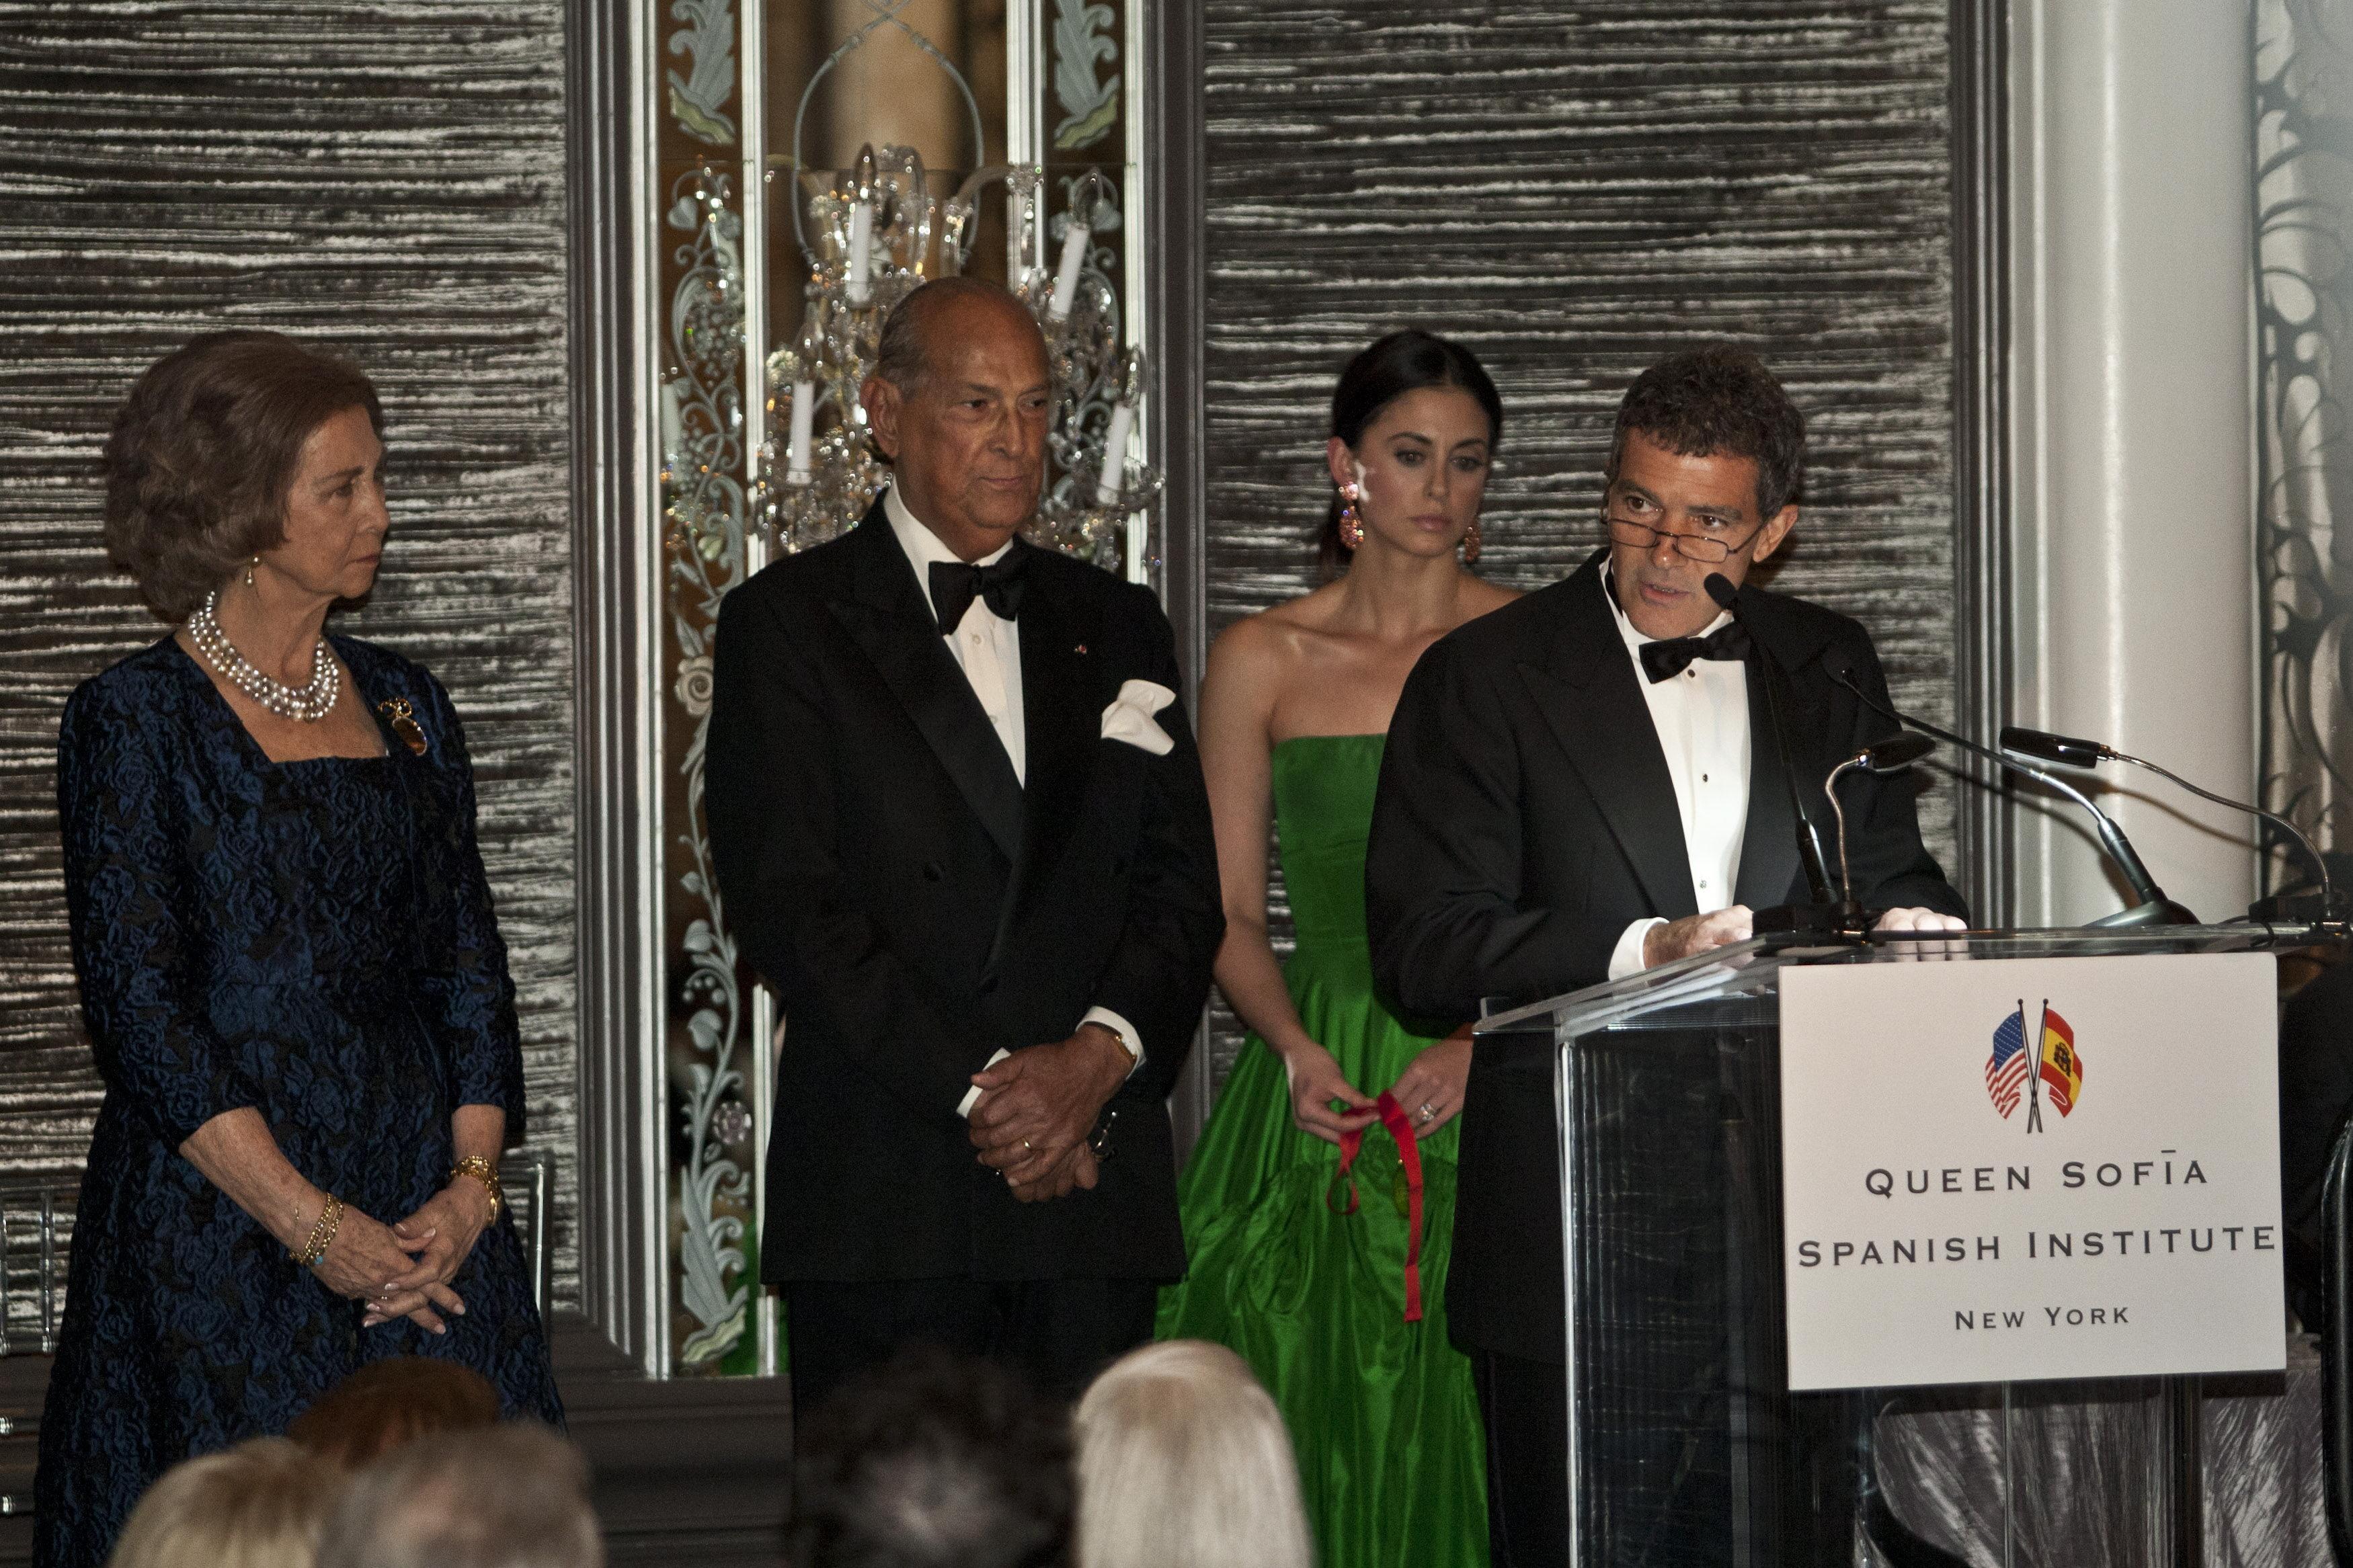 El Instituto Reina Sofía de Nueva York entrega sus medallas a Antonio Banderas y Hillary Clinton